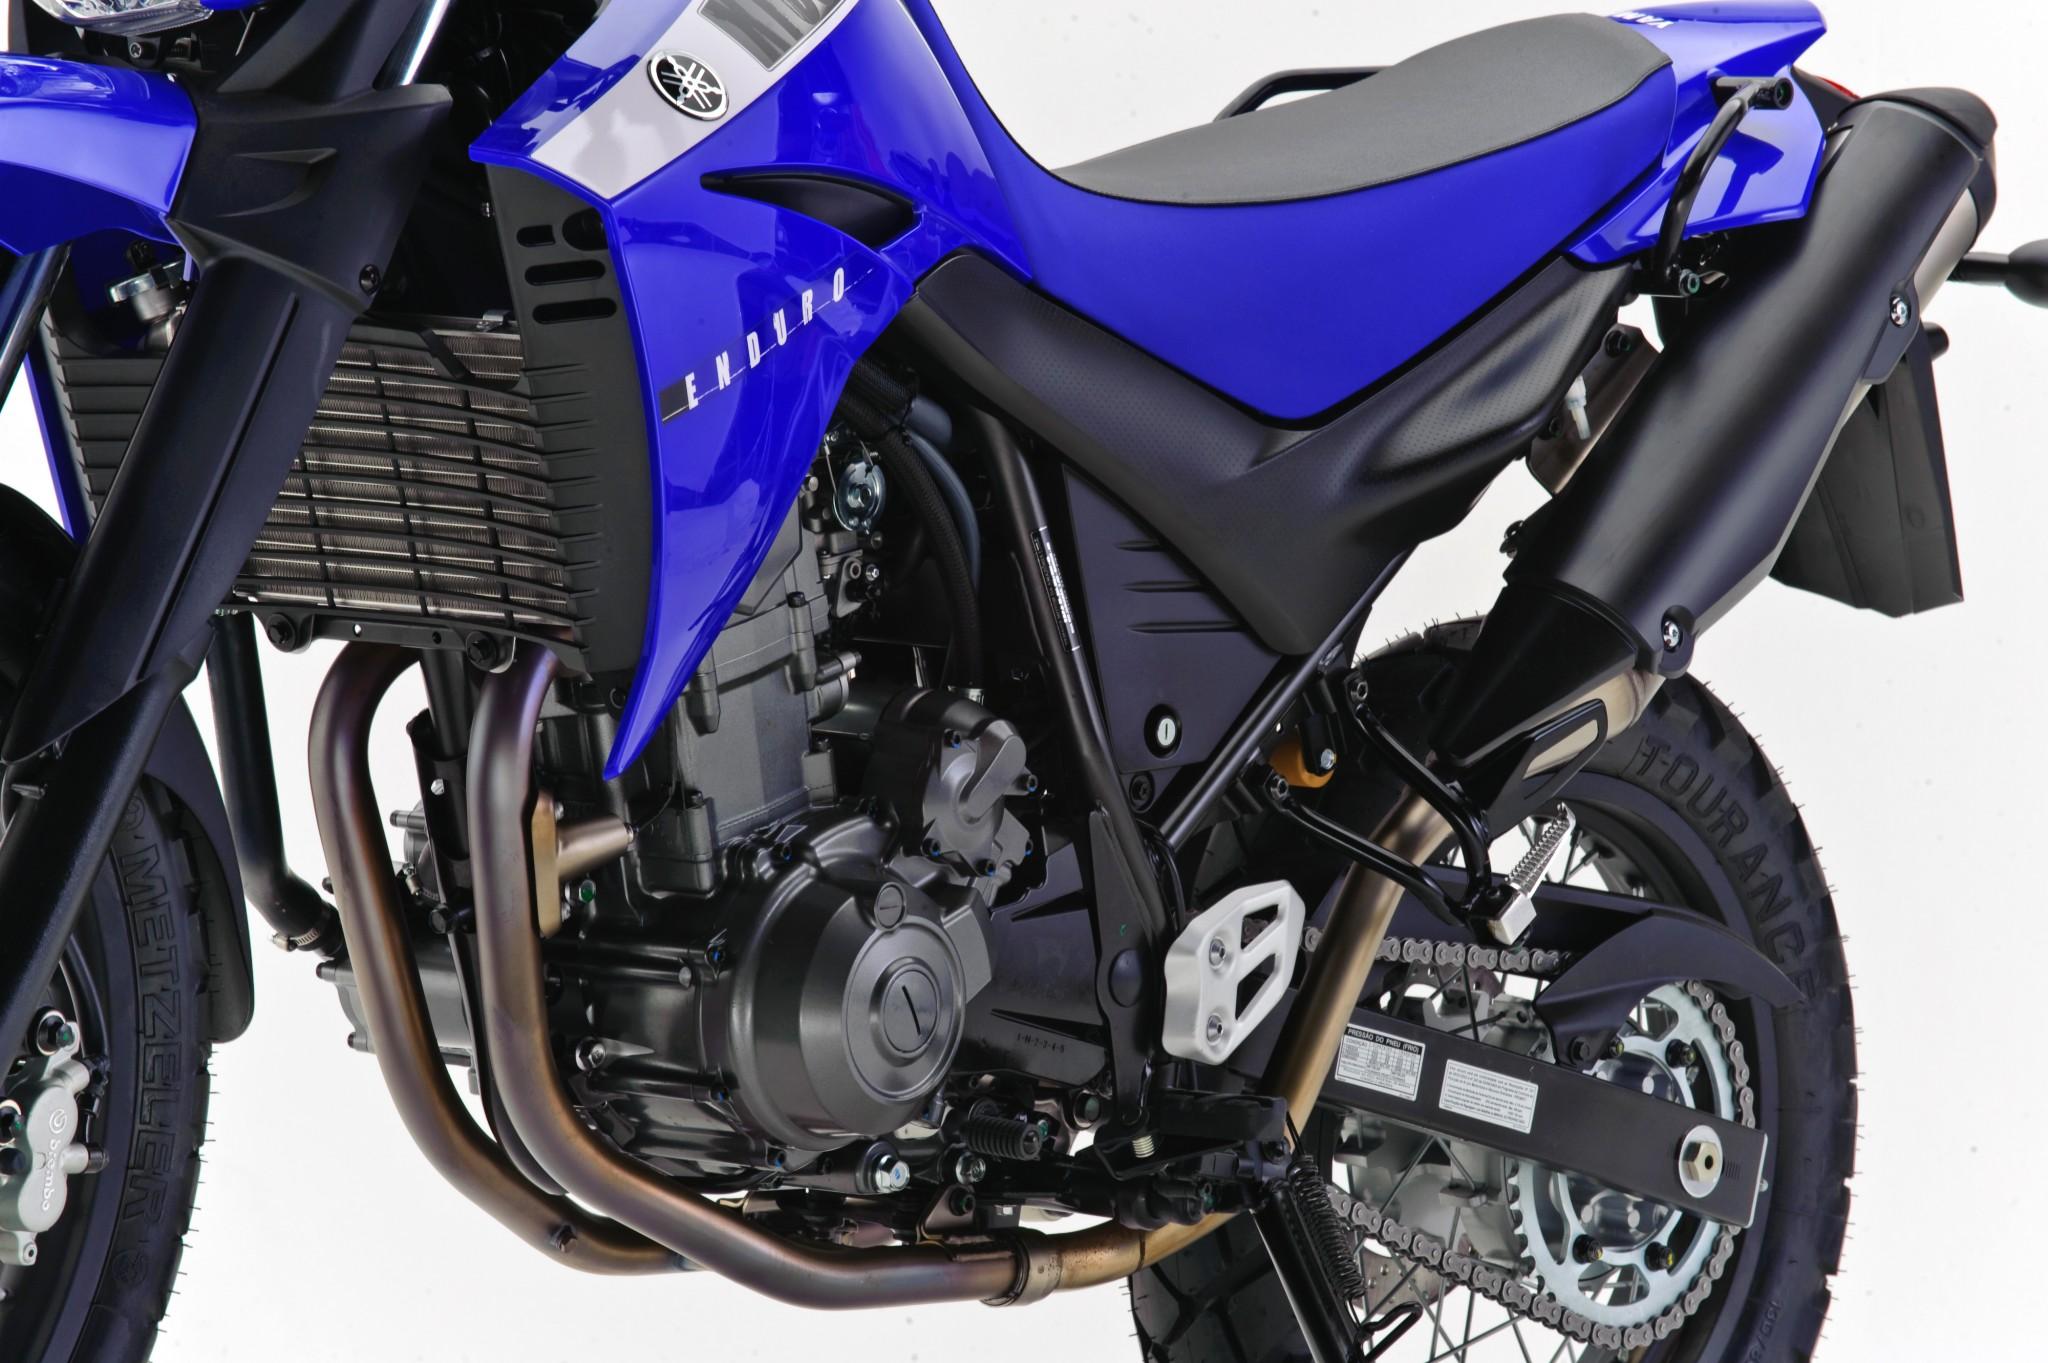 Yamaha Xt 660 2010 Azul Motos Blog